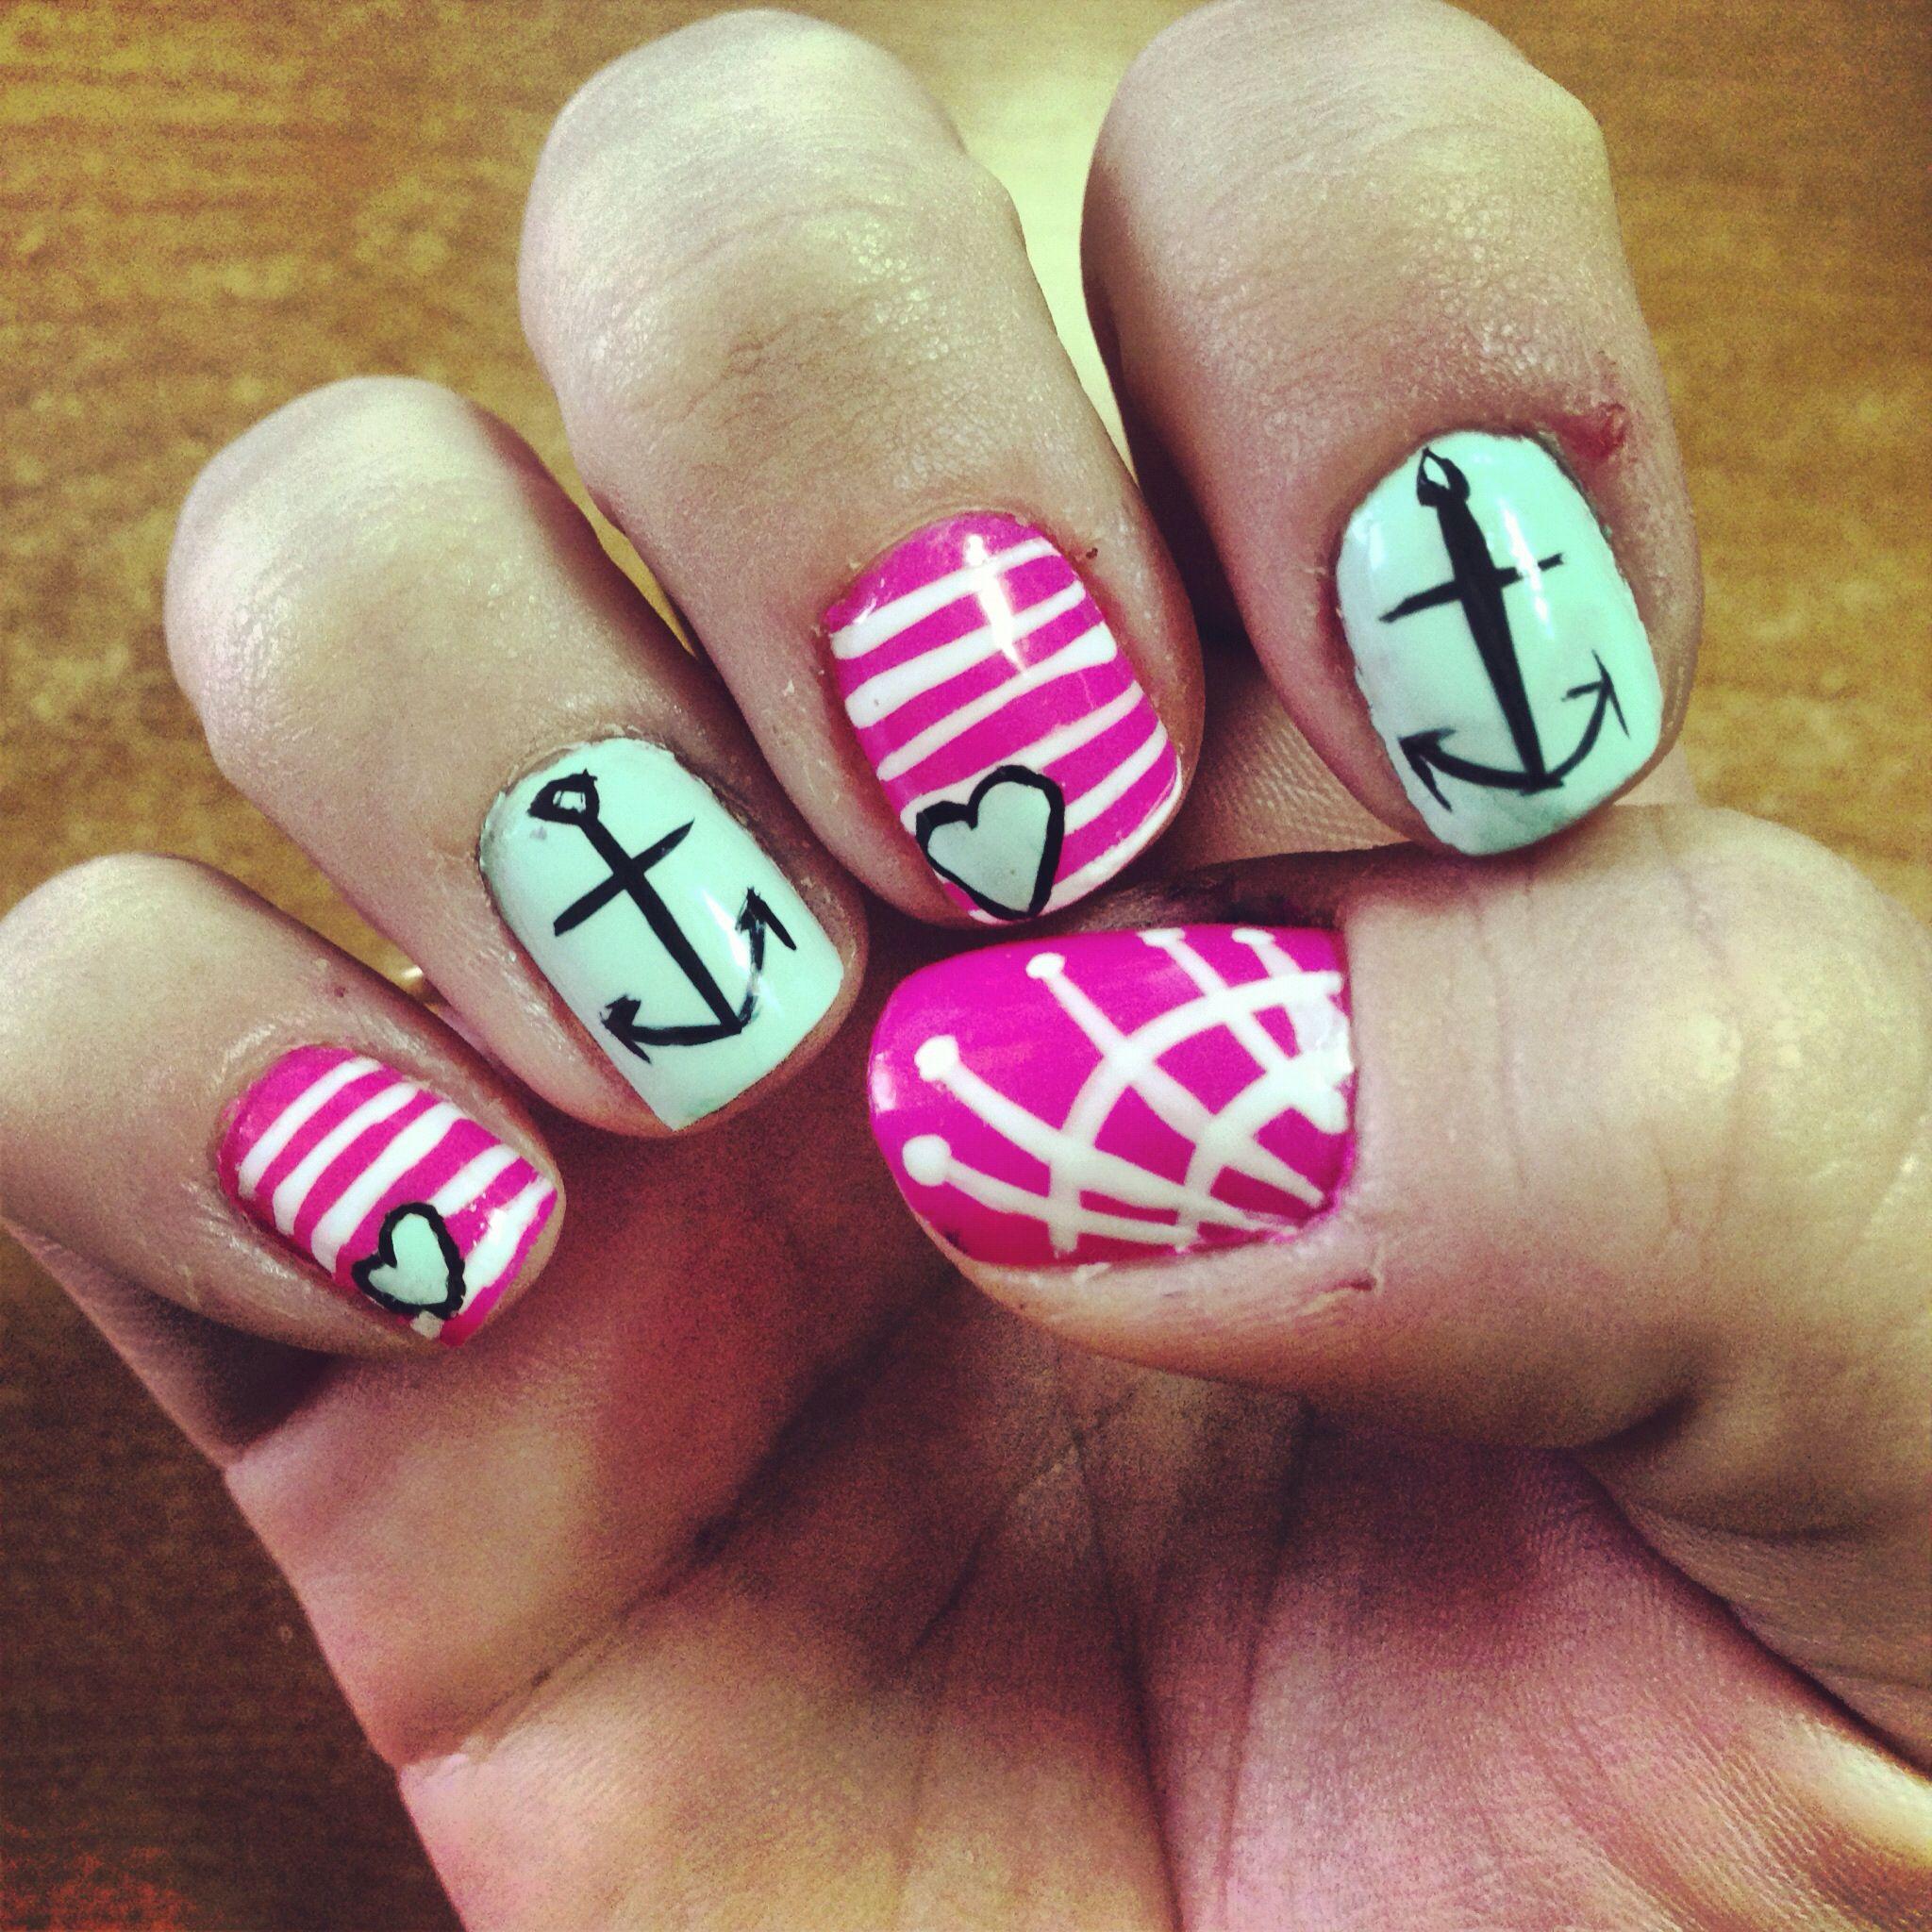 Nautical anchor nail art   My Nails   Pinterest   Anchor nail art ...